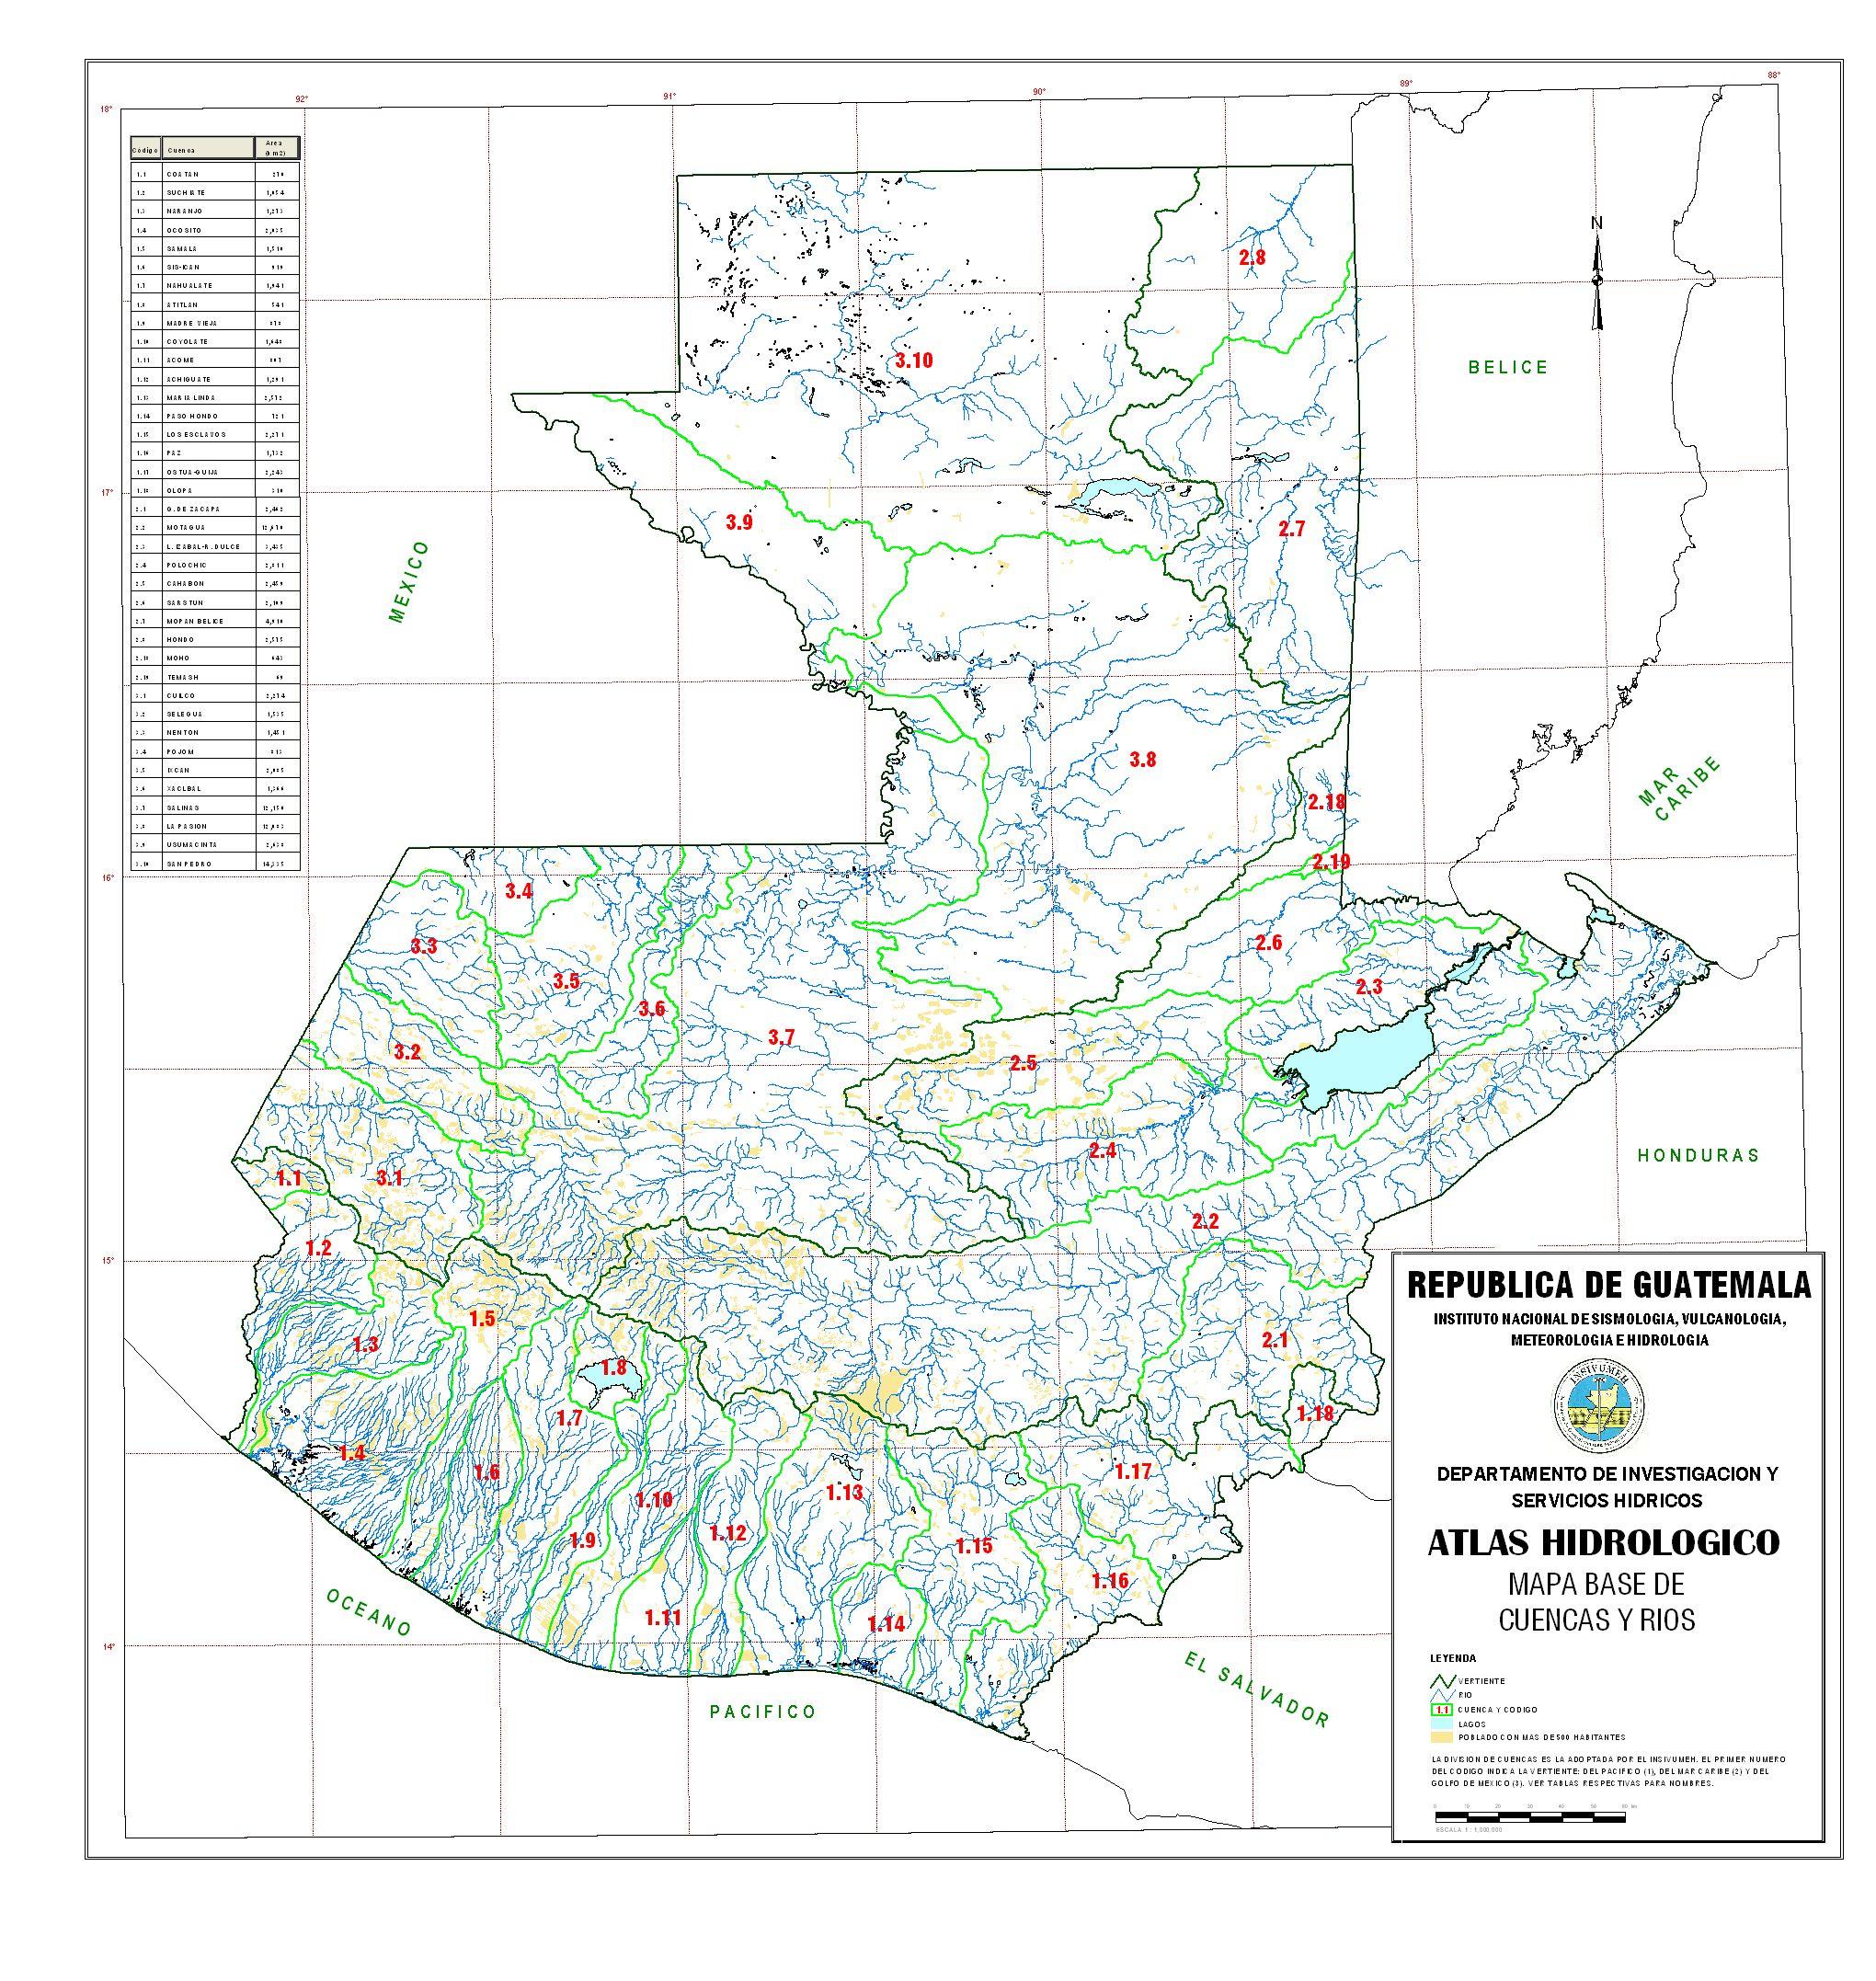 Cuencas y ríos de Guatemala 2003